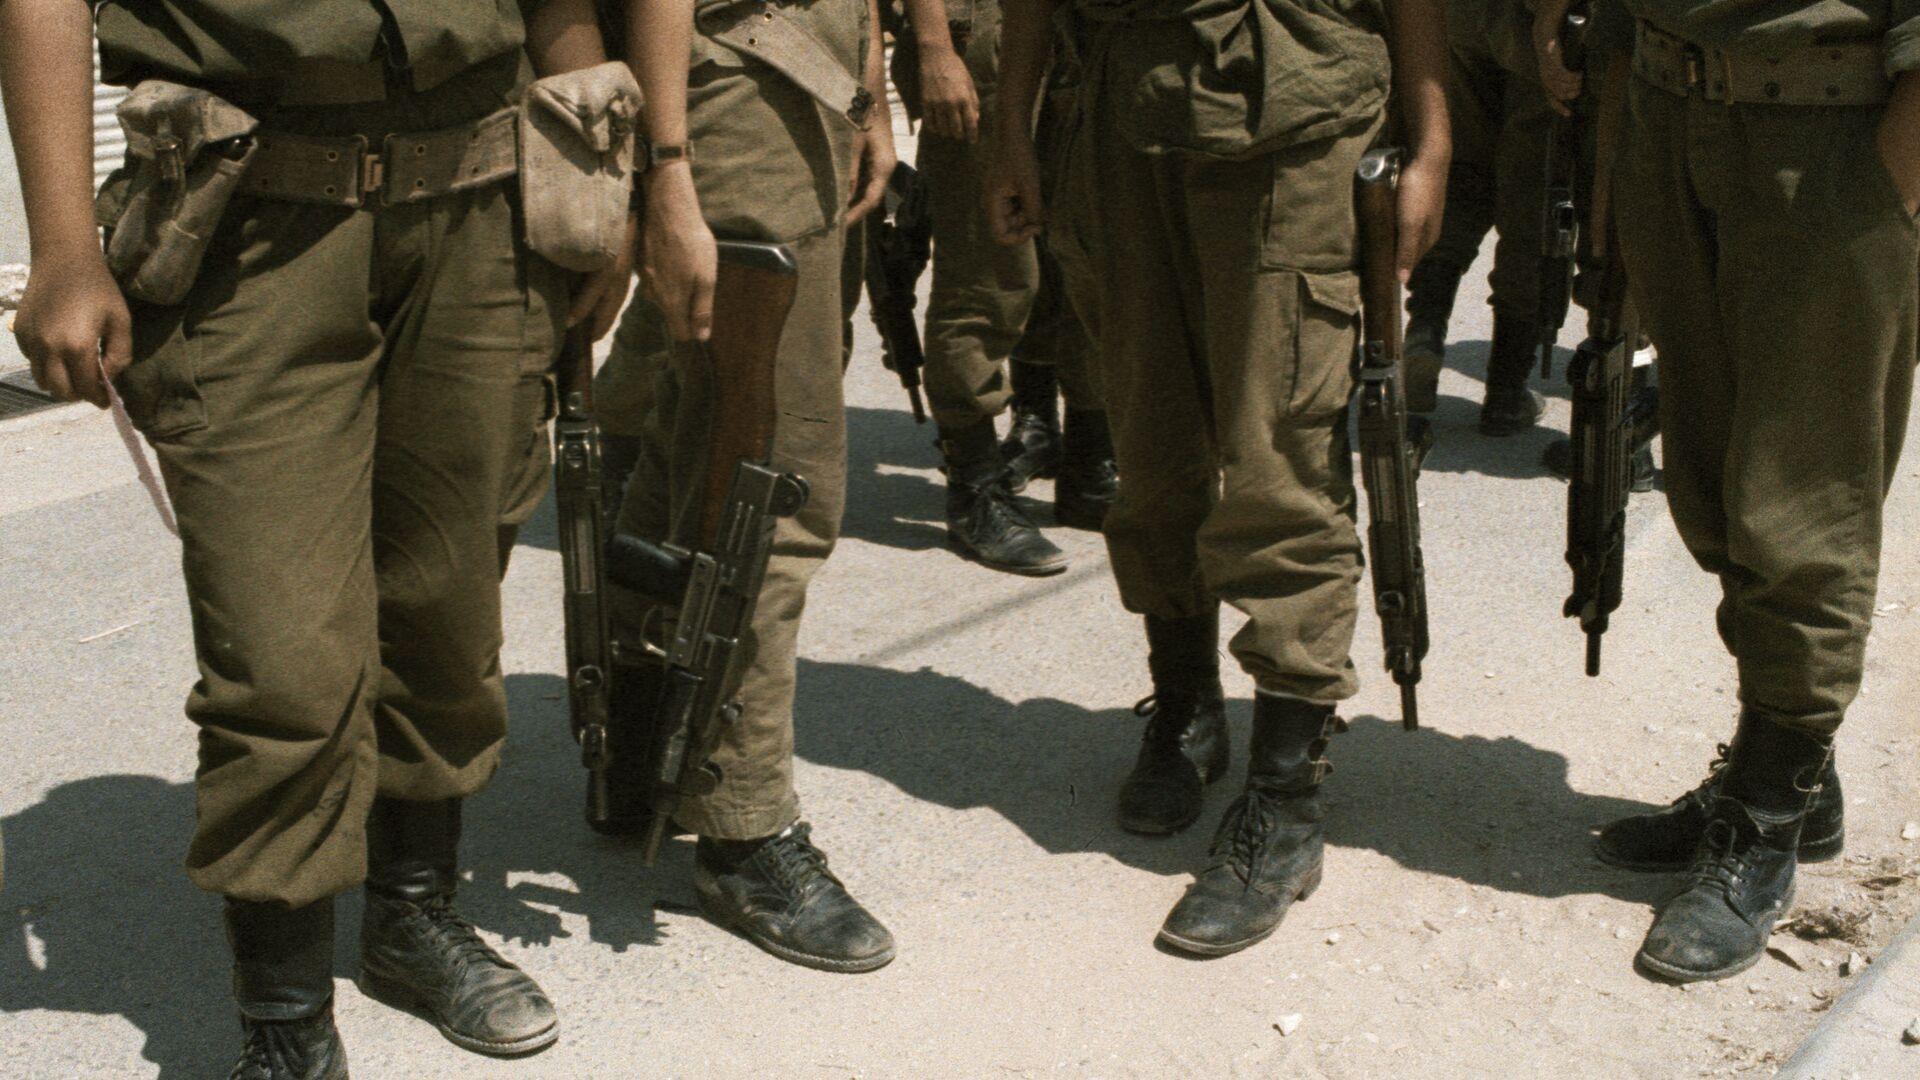 Израильские солдаты с оружием в руках - РИА Новости, 1920, 13.05.2021